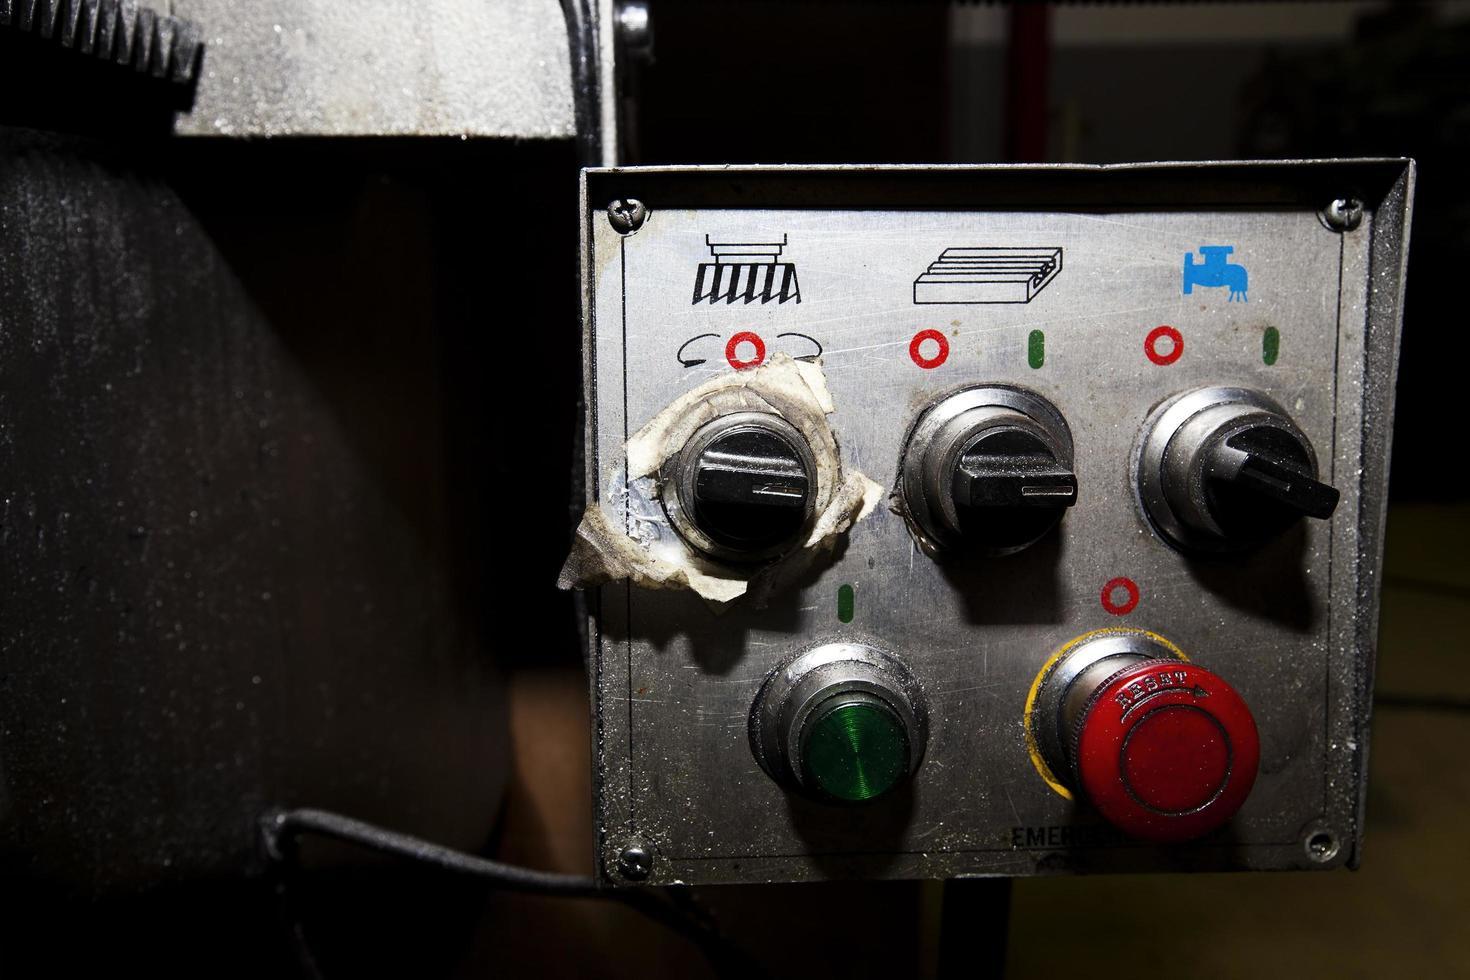 Fábrica de fabricación de máquinas tecnológicas industriales. foto